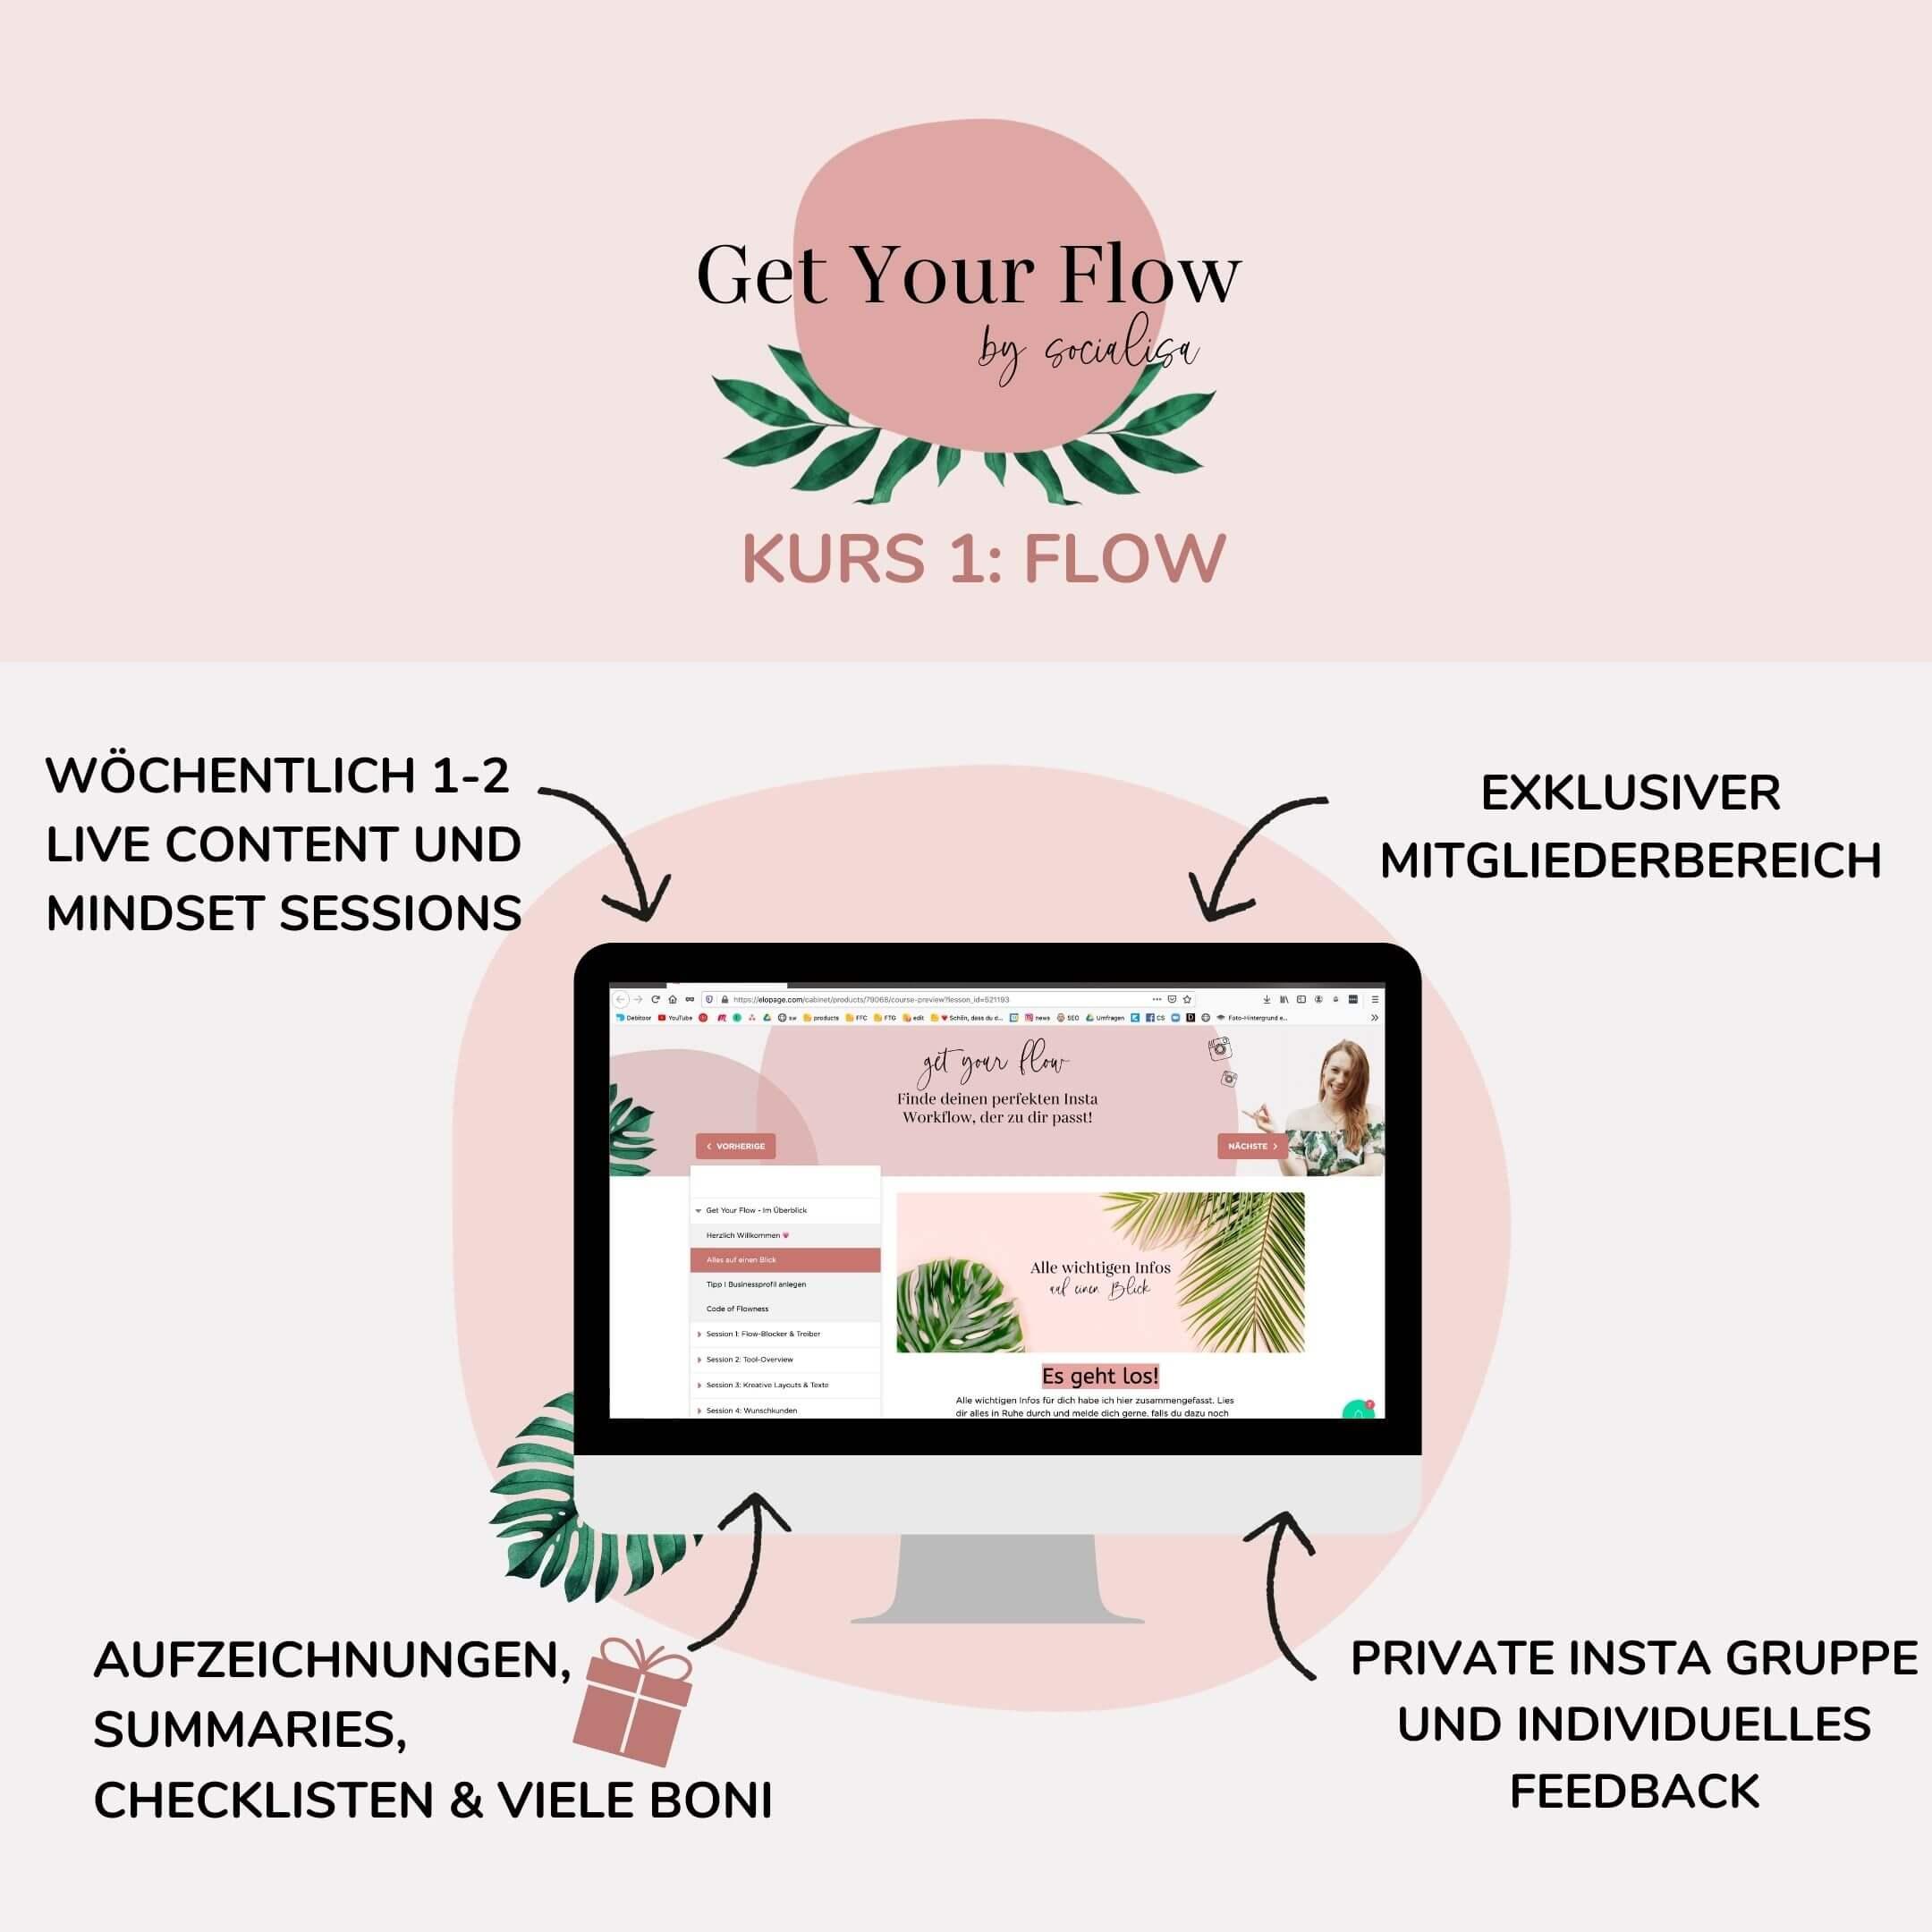 Get Your Flow Paket